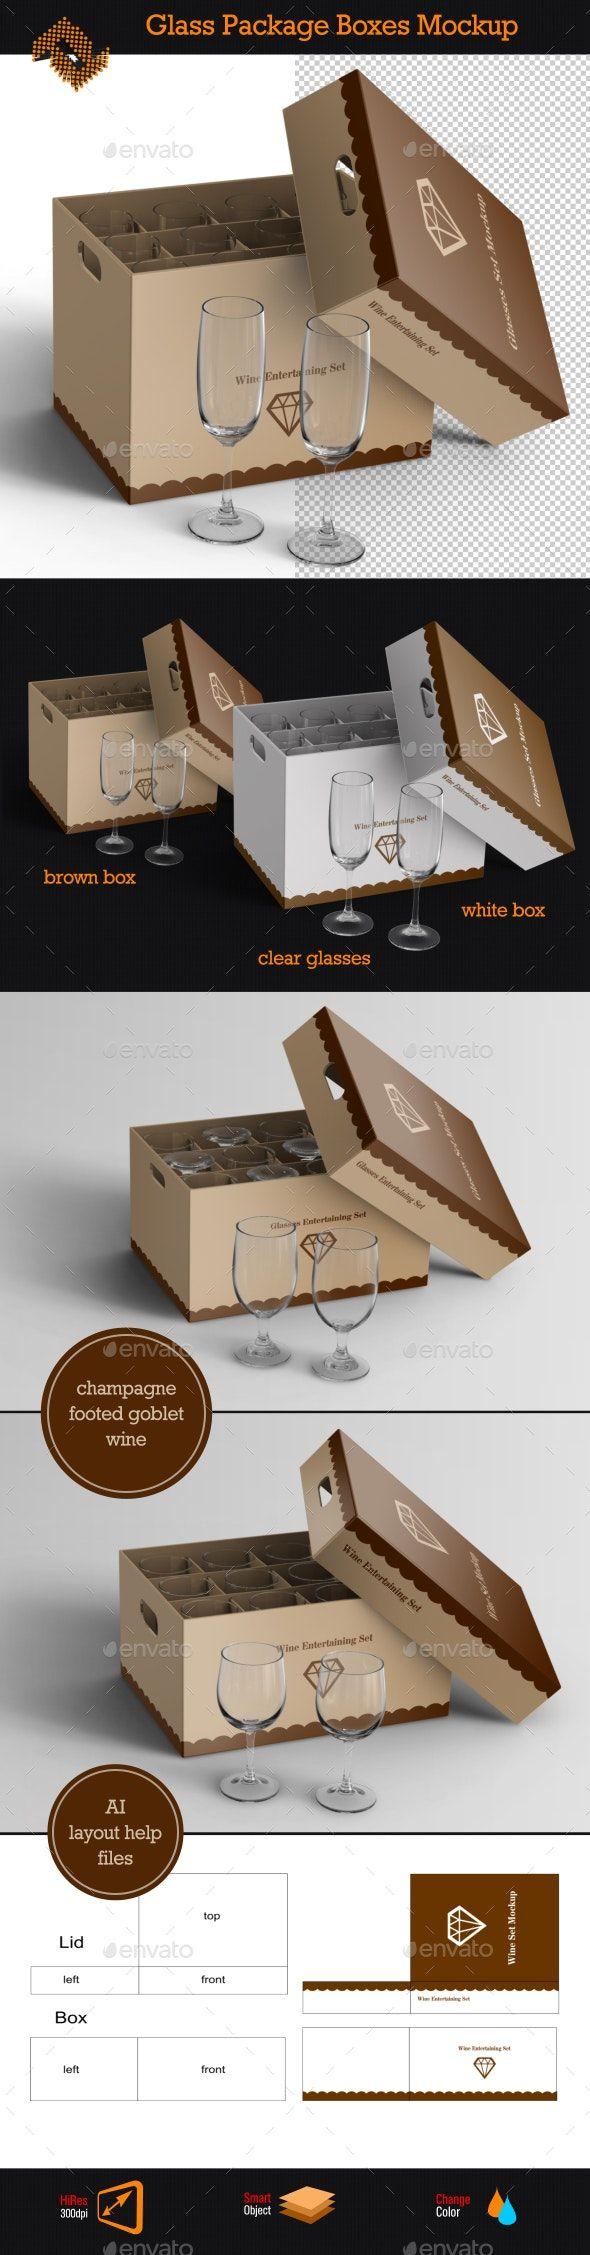 Download Glass Package Boxes Mockup Box Mockup Box Packaging Mockup